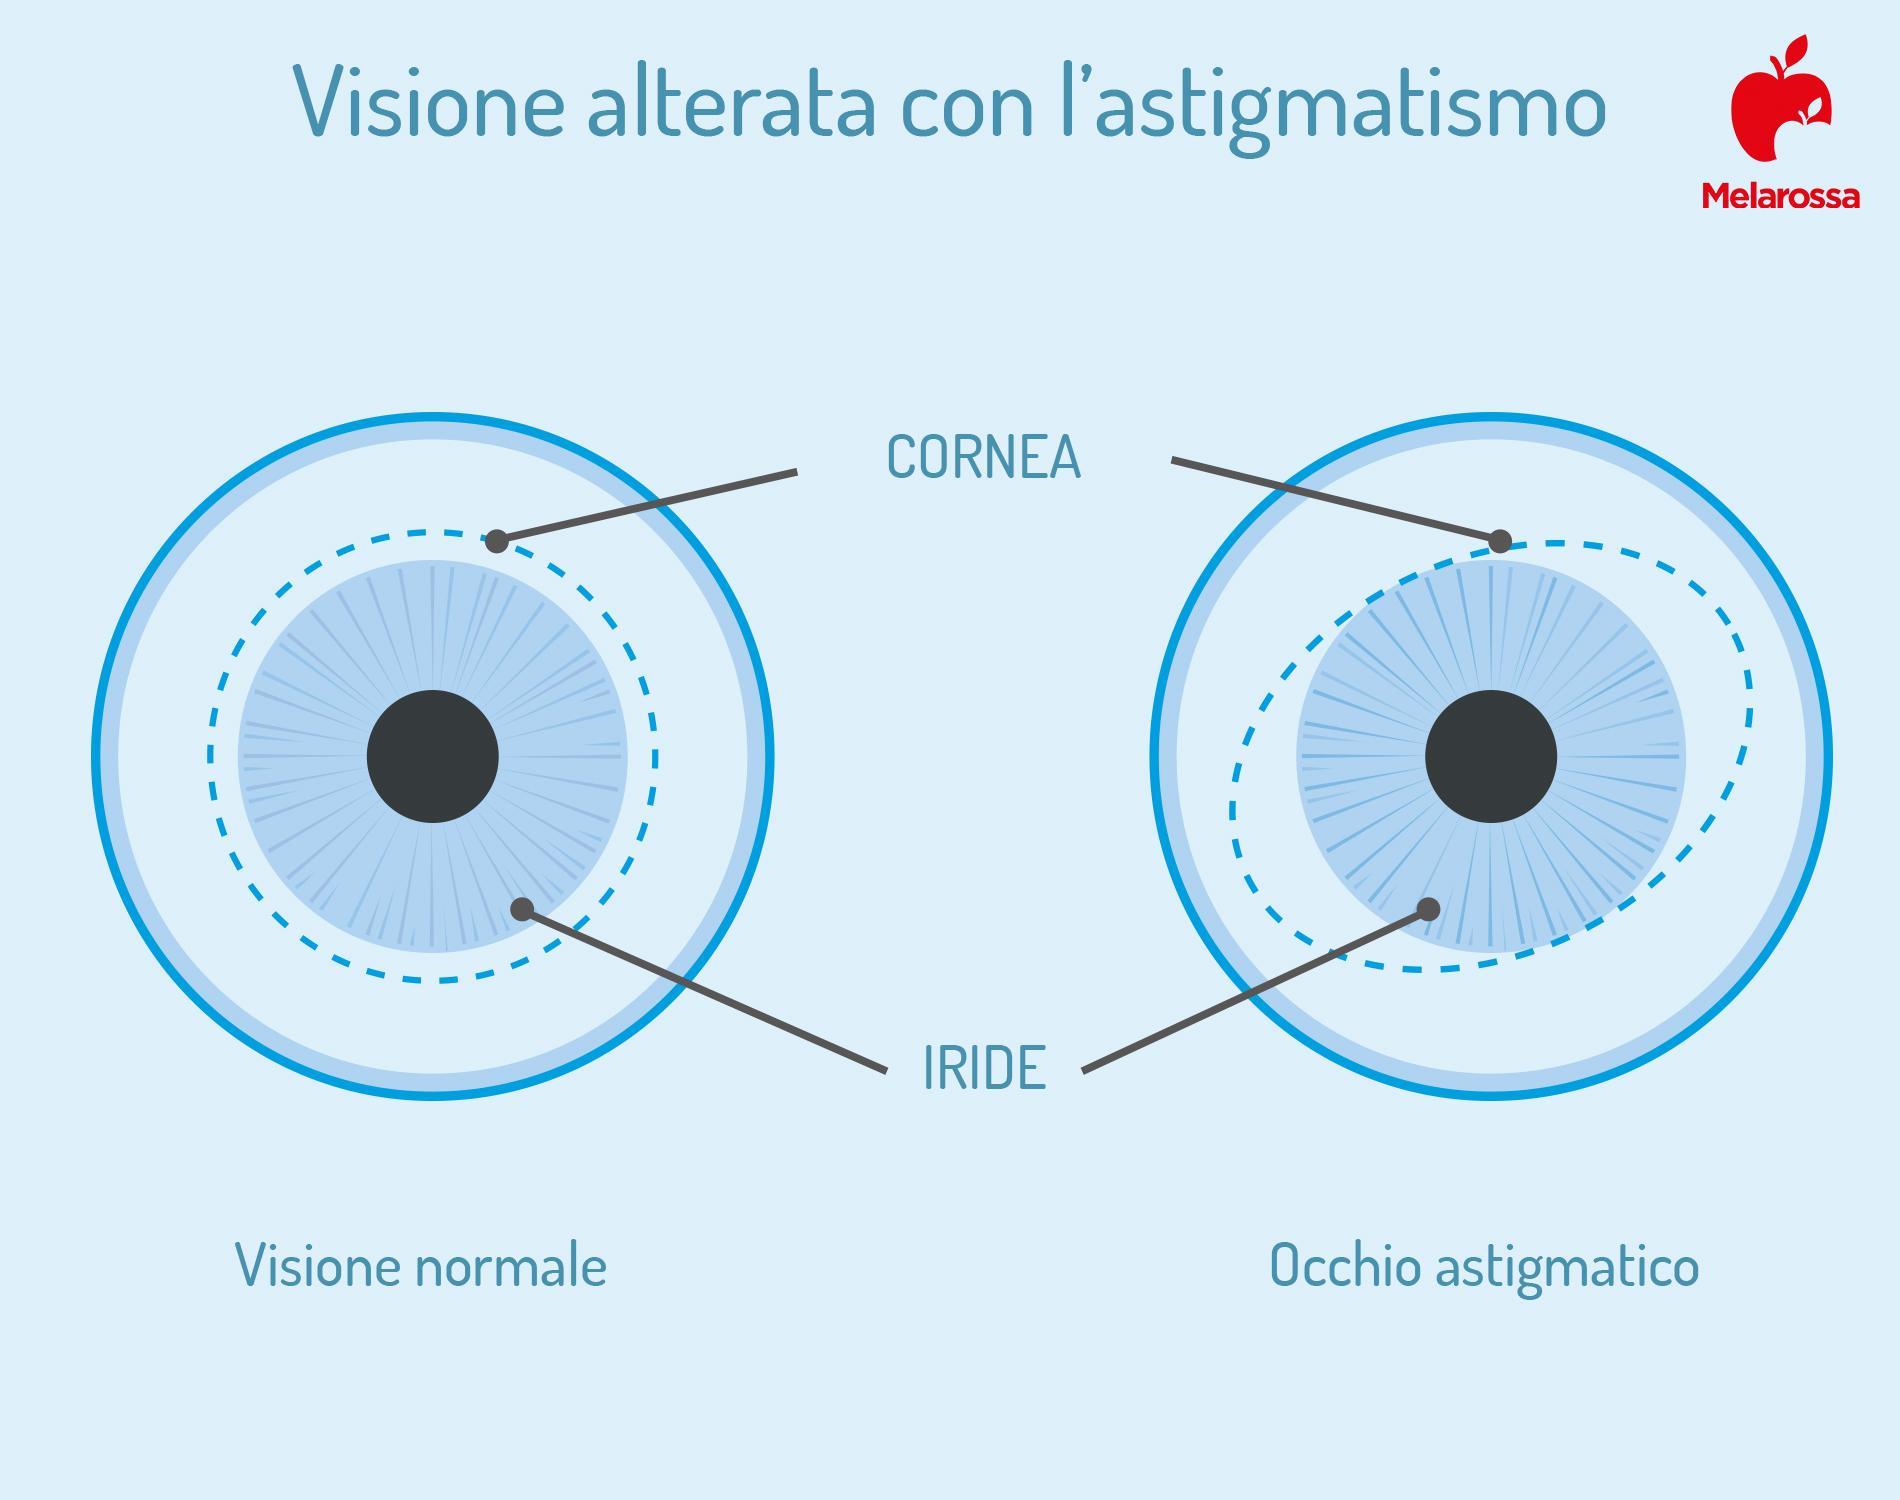 astigmatismo: visione alterata